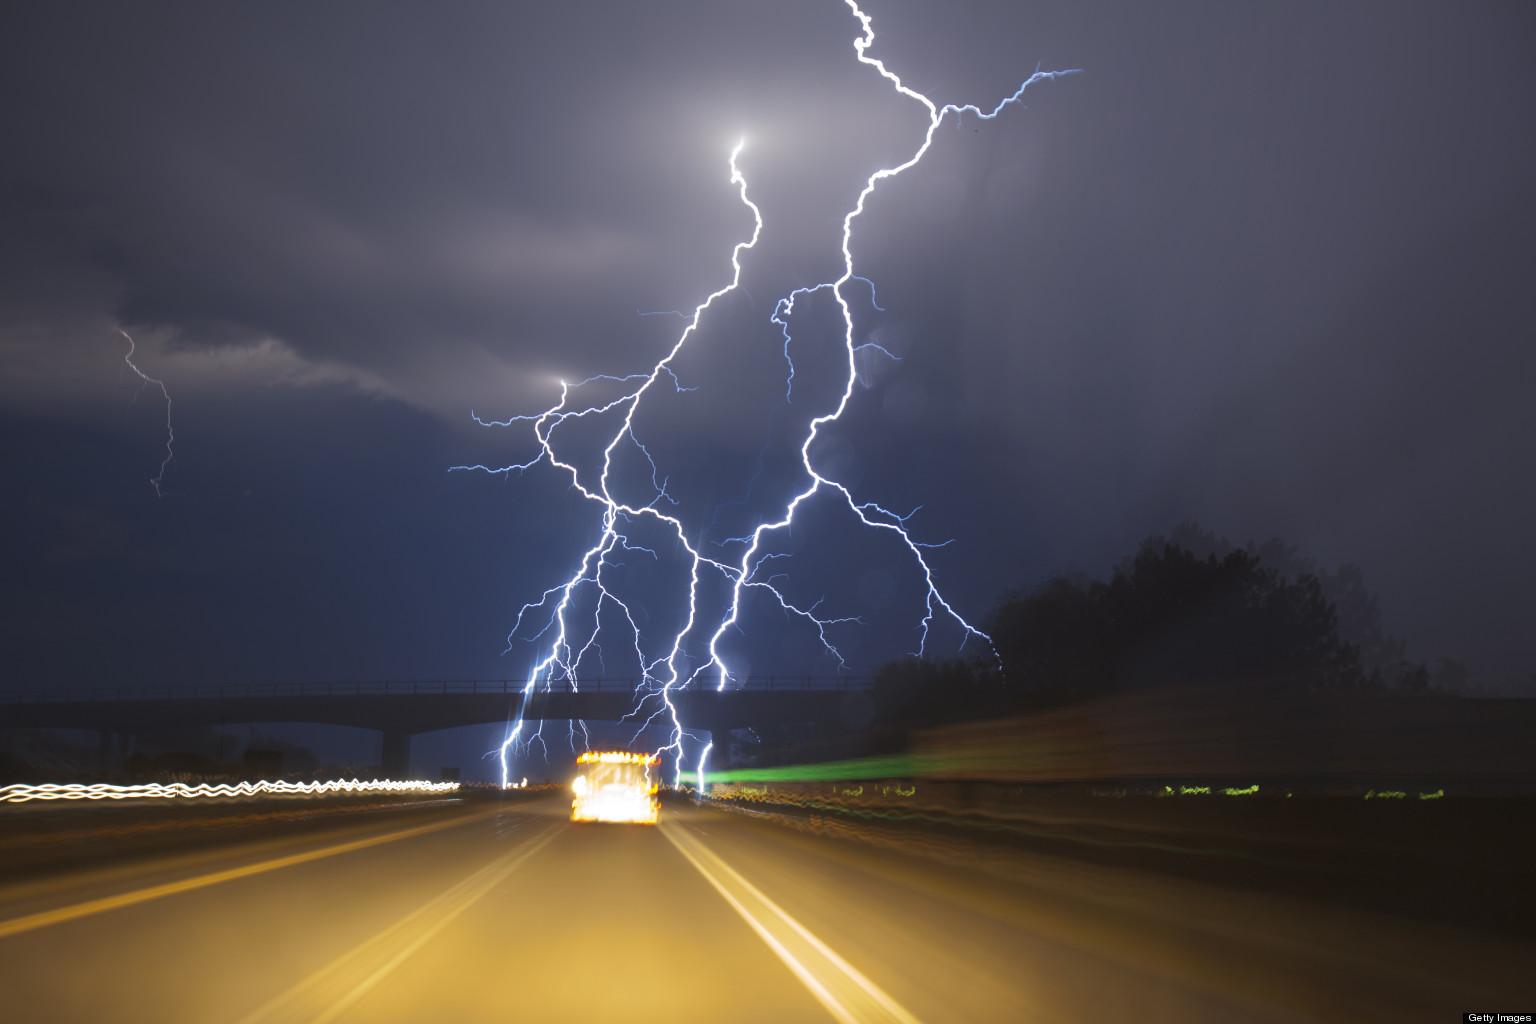 Tormentas electricas y rayos-2